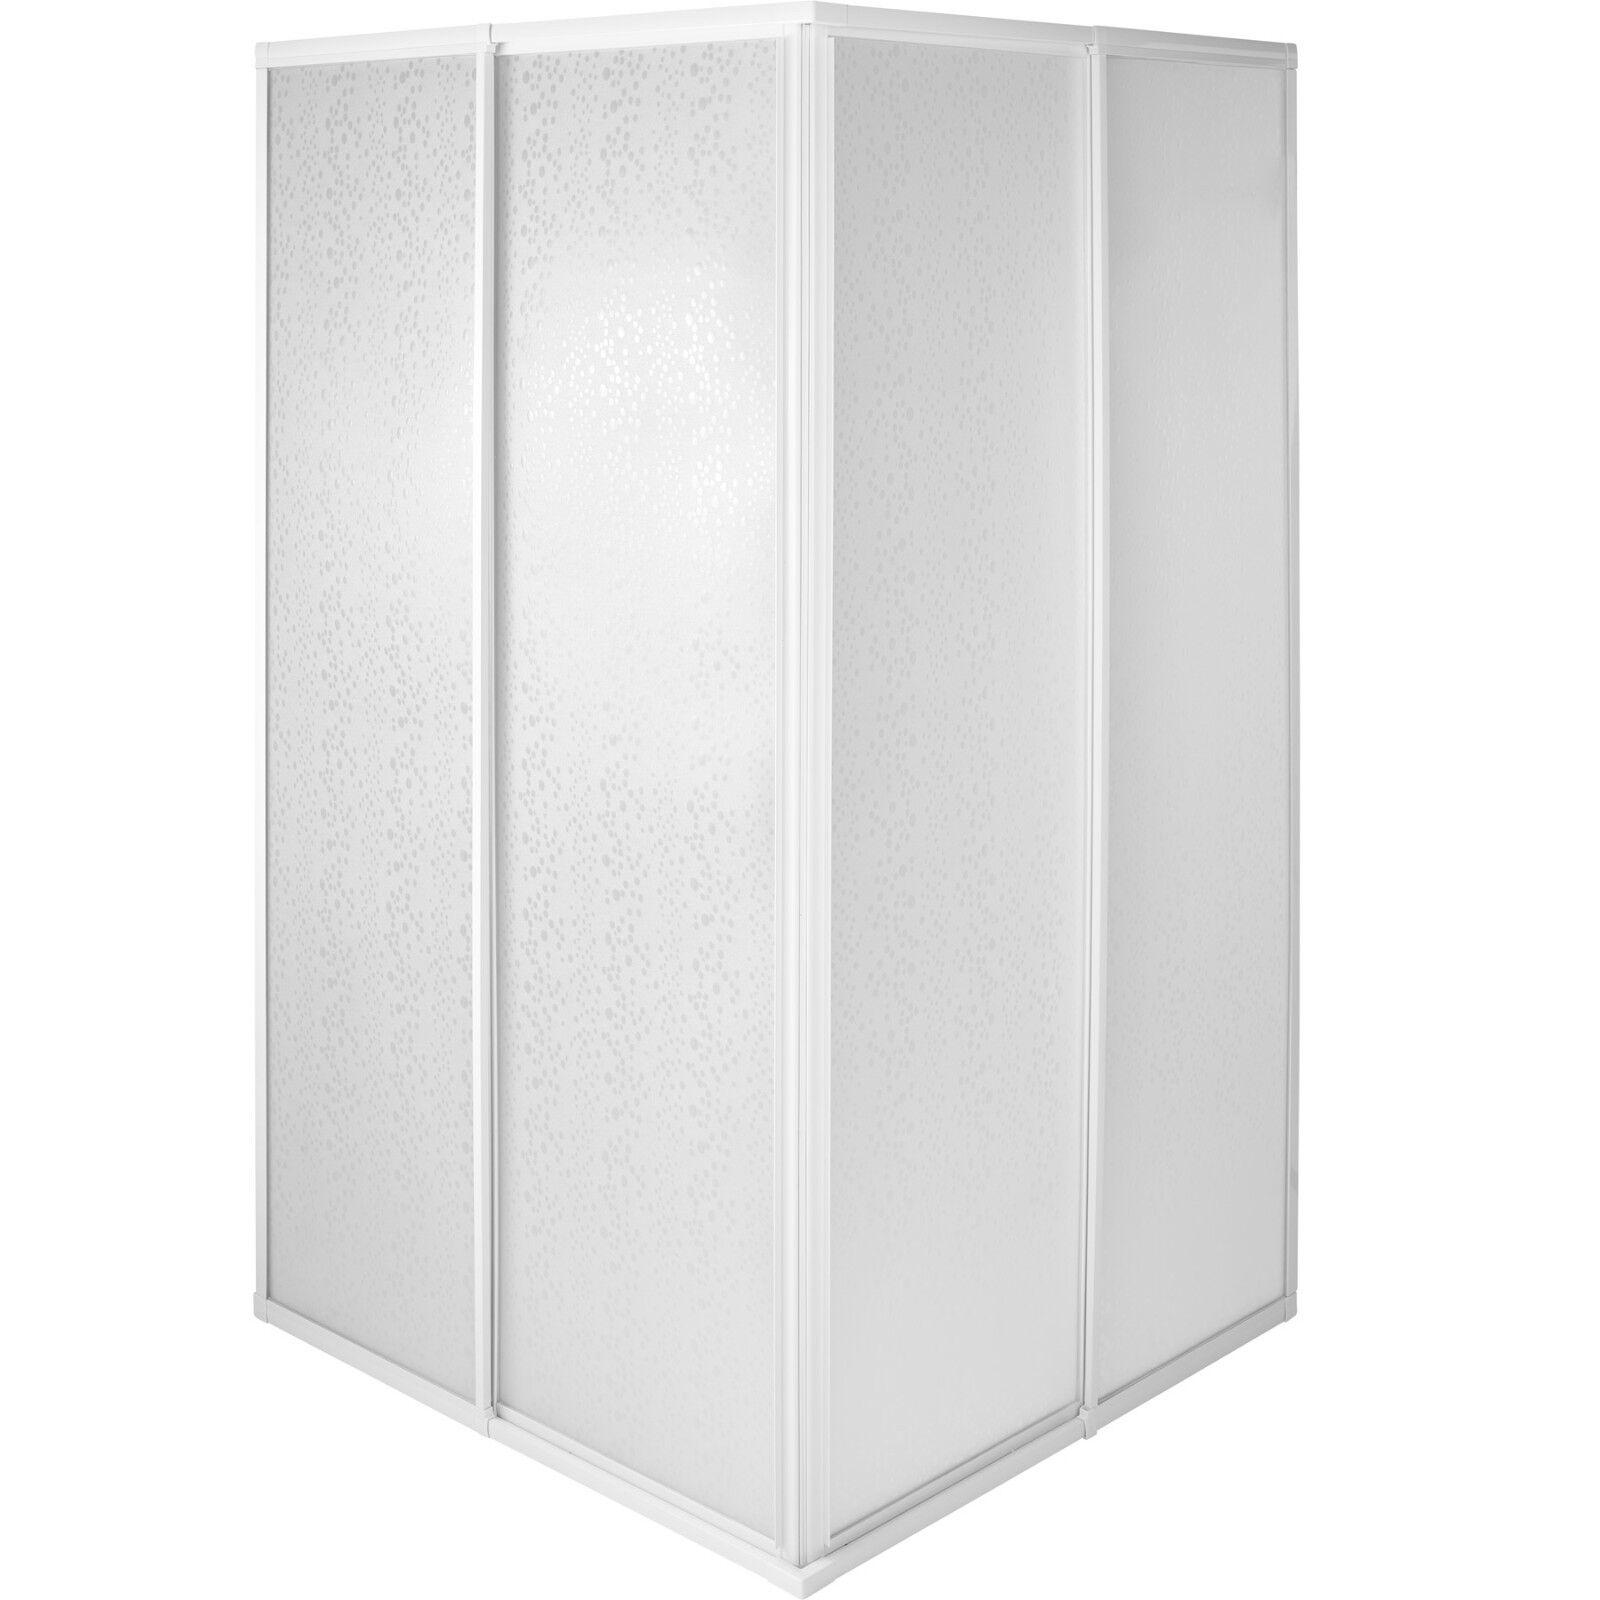 Cabina doccia parete divisorio doccia entrata angolare quadrato 90 x 90 x 185 cm